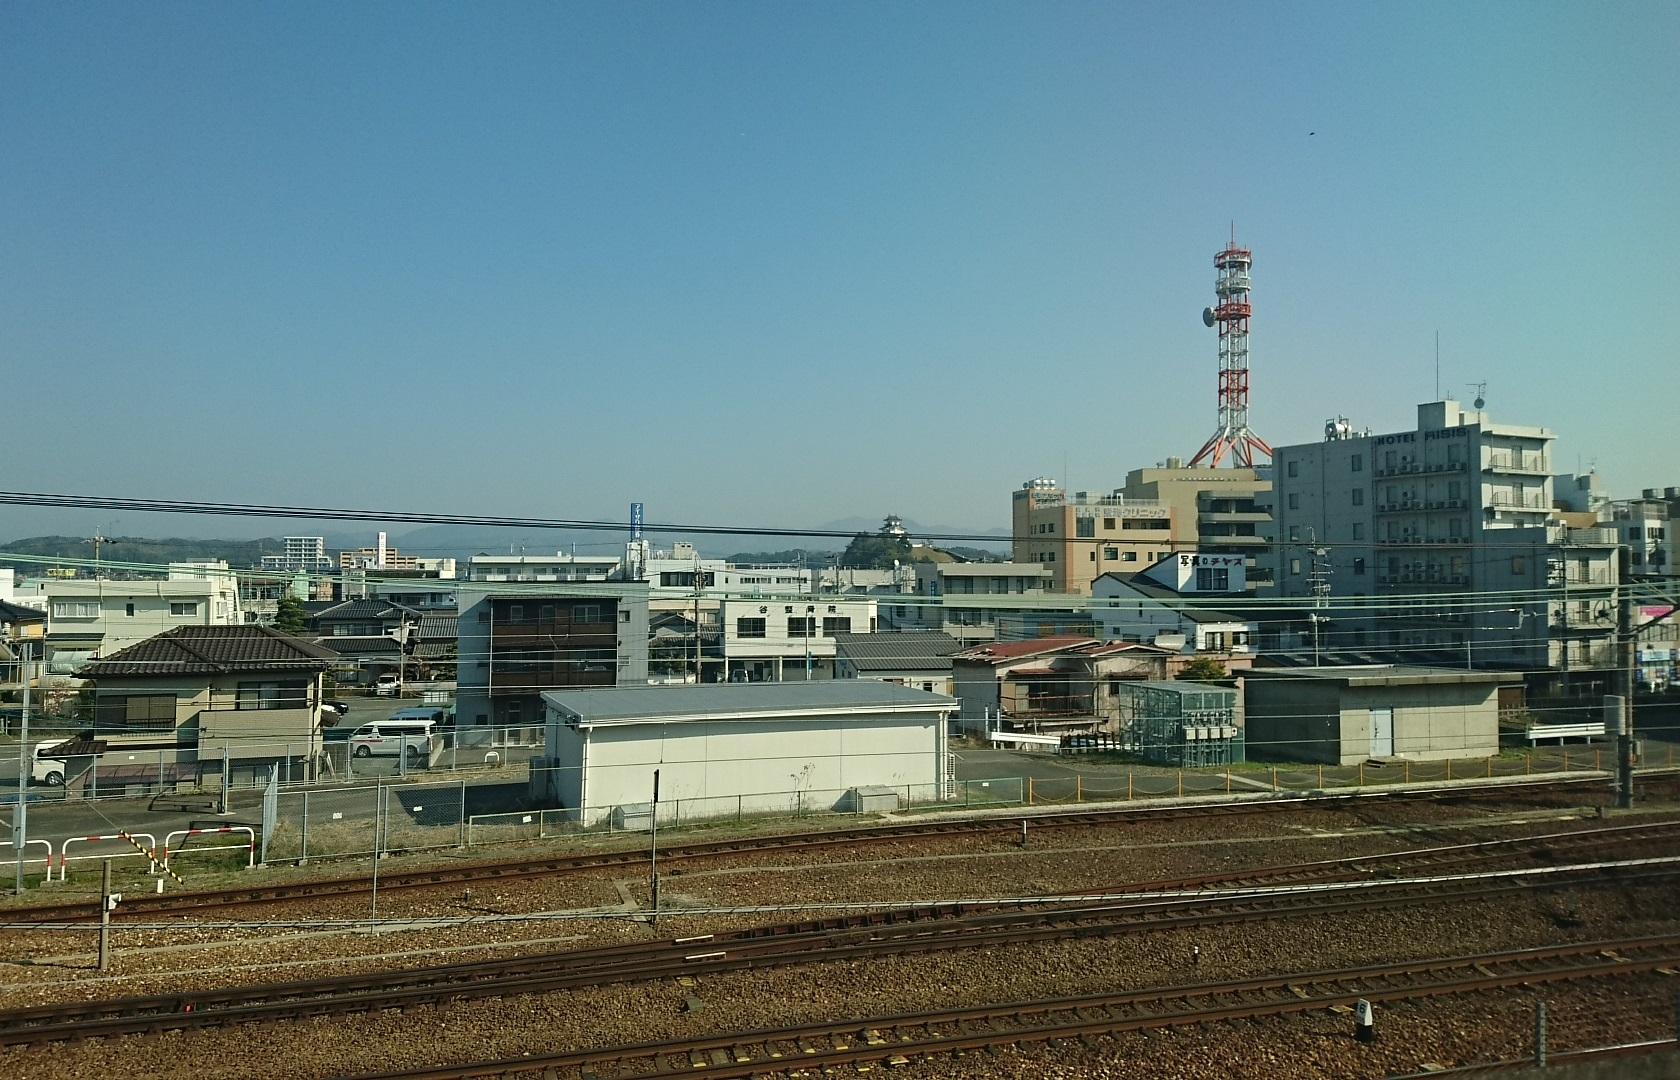 2018.3.28 金谷まで (28) 東京いきこだま - 浜松-掛川間 1680-1040